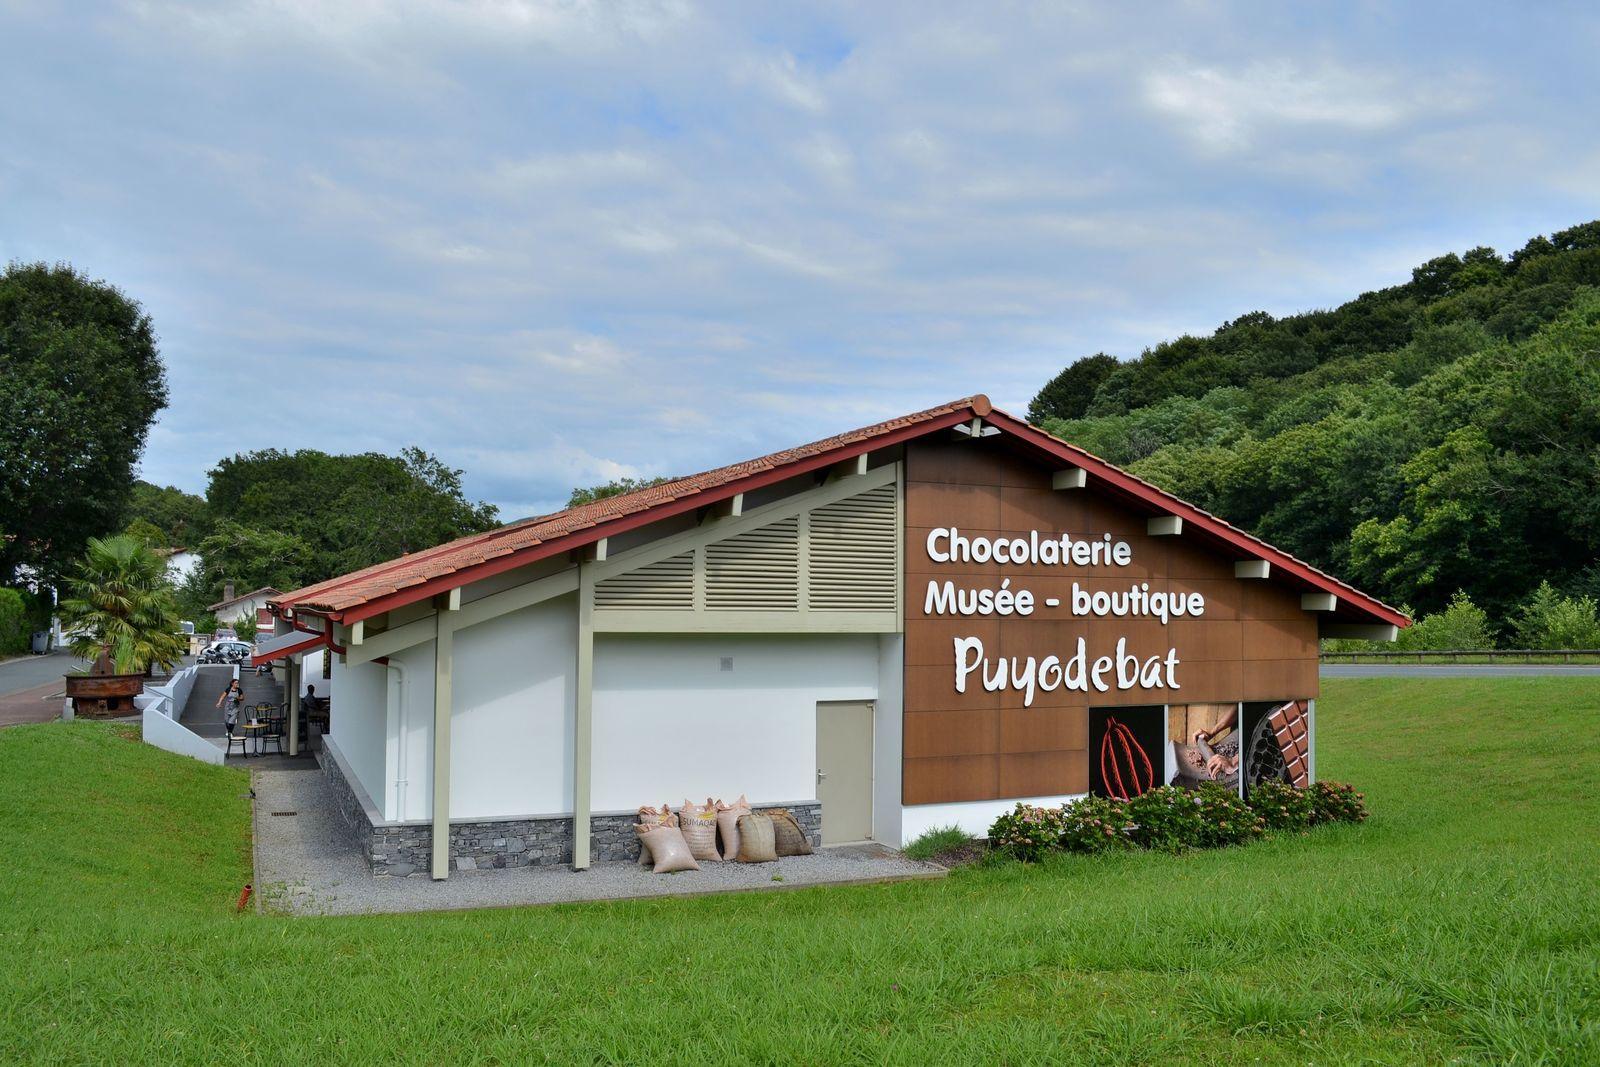 La chocolaterie-musée PUYODEBAT à Cambo-les-Bains, où même les coussins à l'entrée de l'établissement ressemblent à des carreaux de chocolat et te donnent direct l'envie de croquer dedans, hi hi!